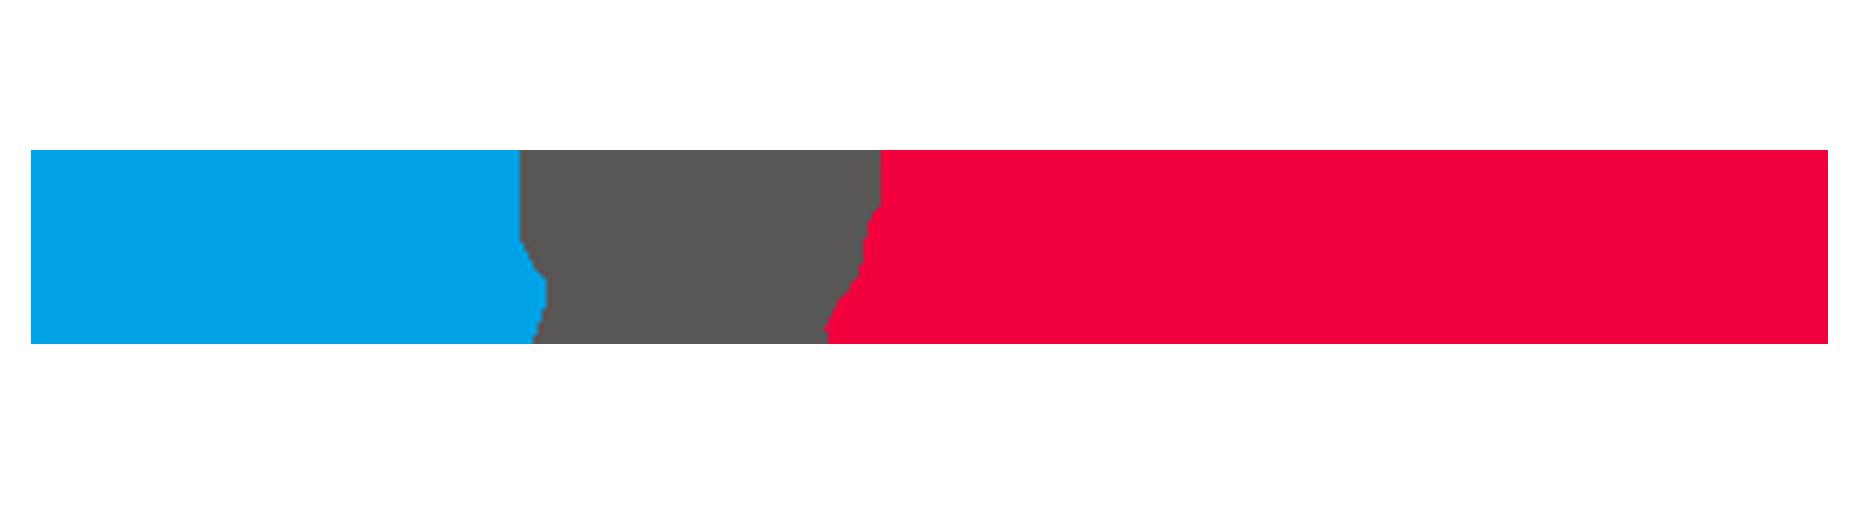 ひかりTVミュージック Logo